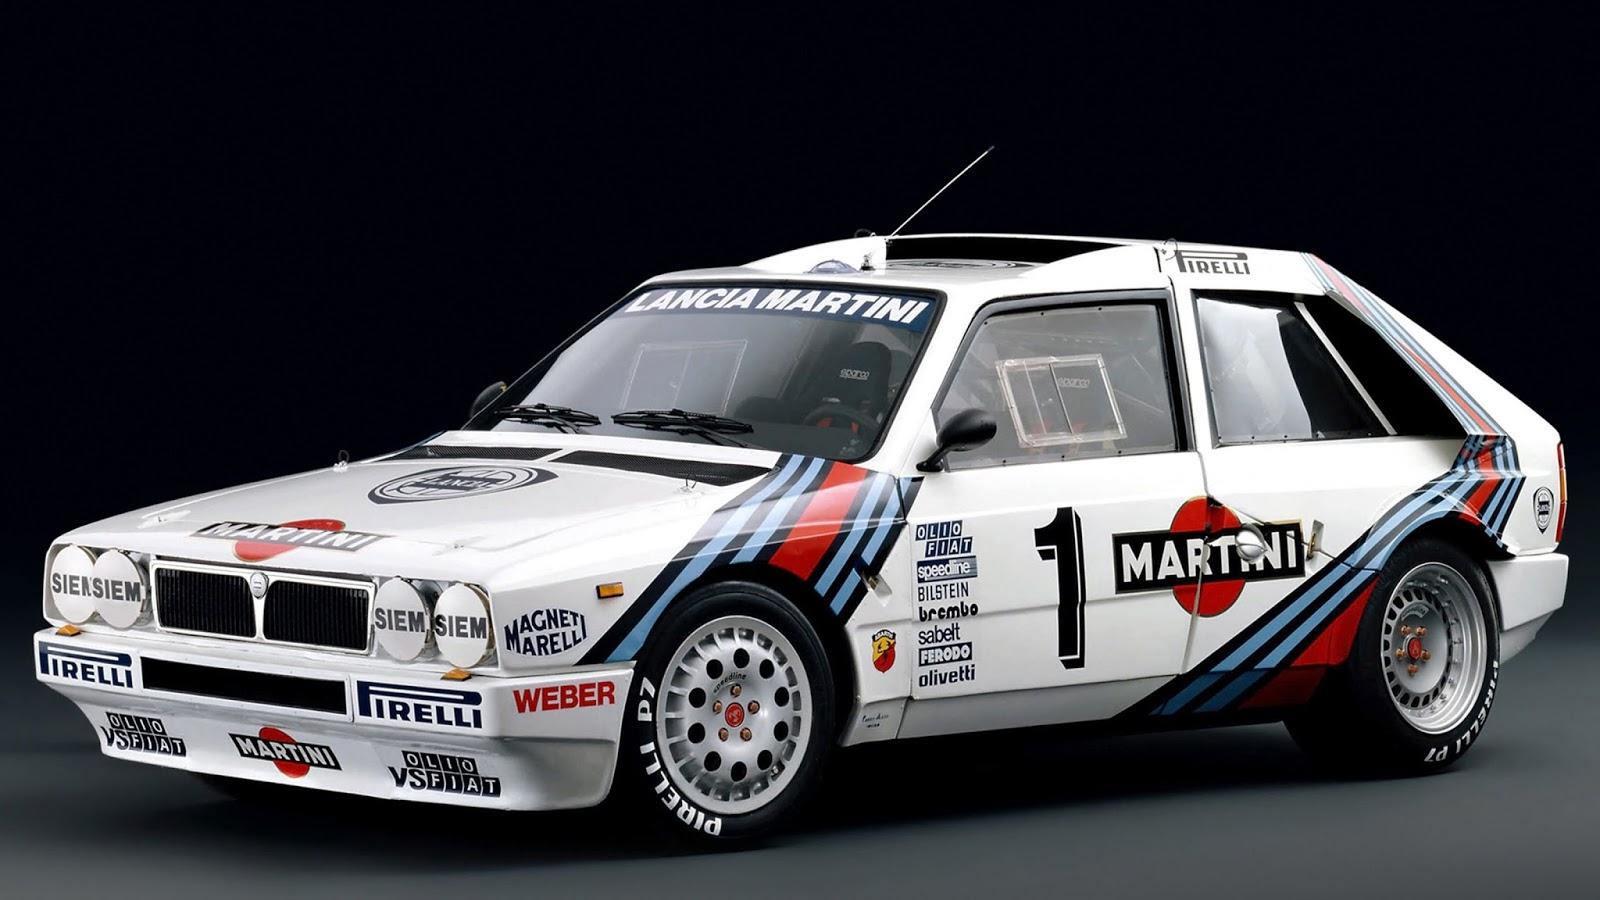 Δεν υπάρχει πιο «αντρικό» αυτοκίνητο από την Lancia Delta S4 Group B Group B, Lancia, Lancia Delta S4, Lancia Delta S4 Group B, turbo lag, videos, zblog